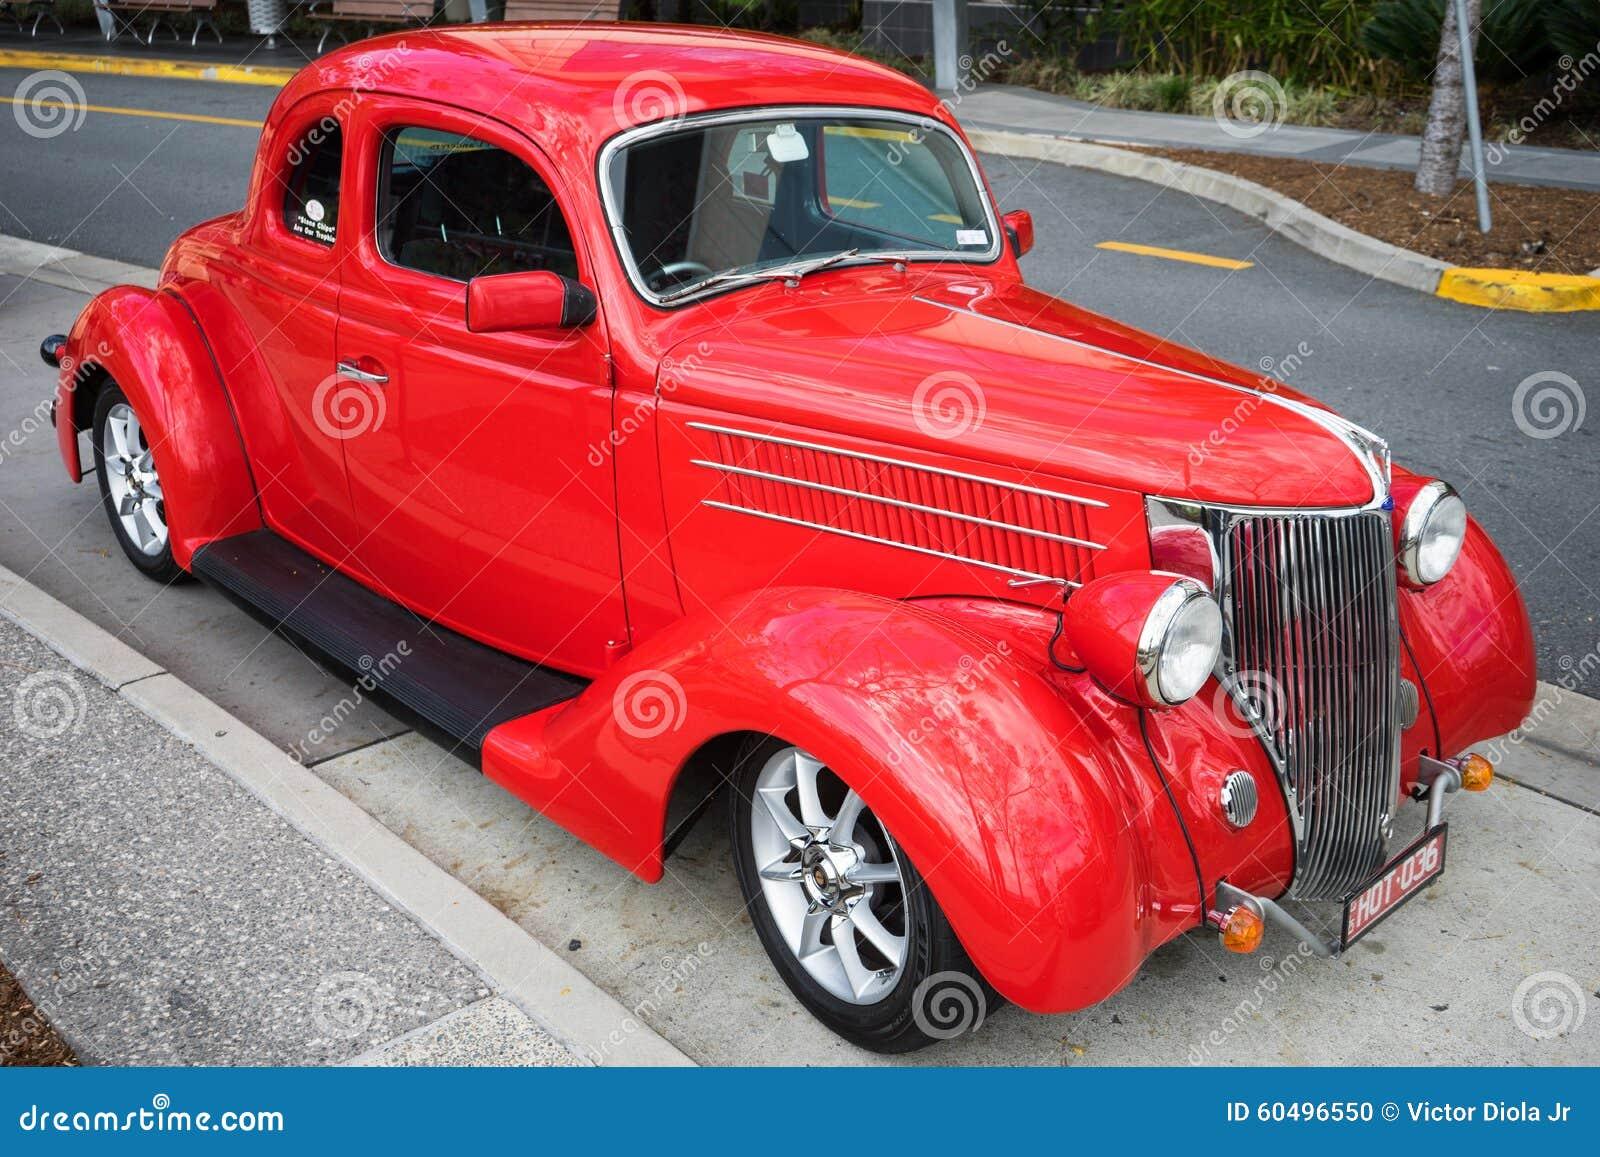 Red hot date line in Australia